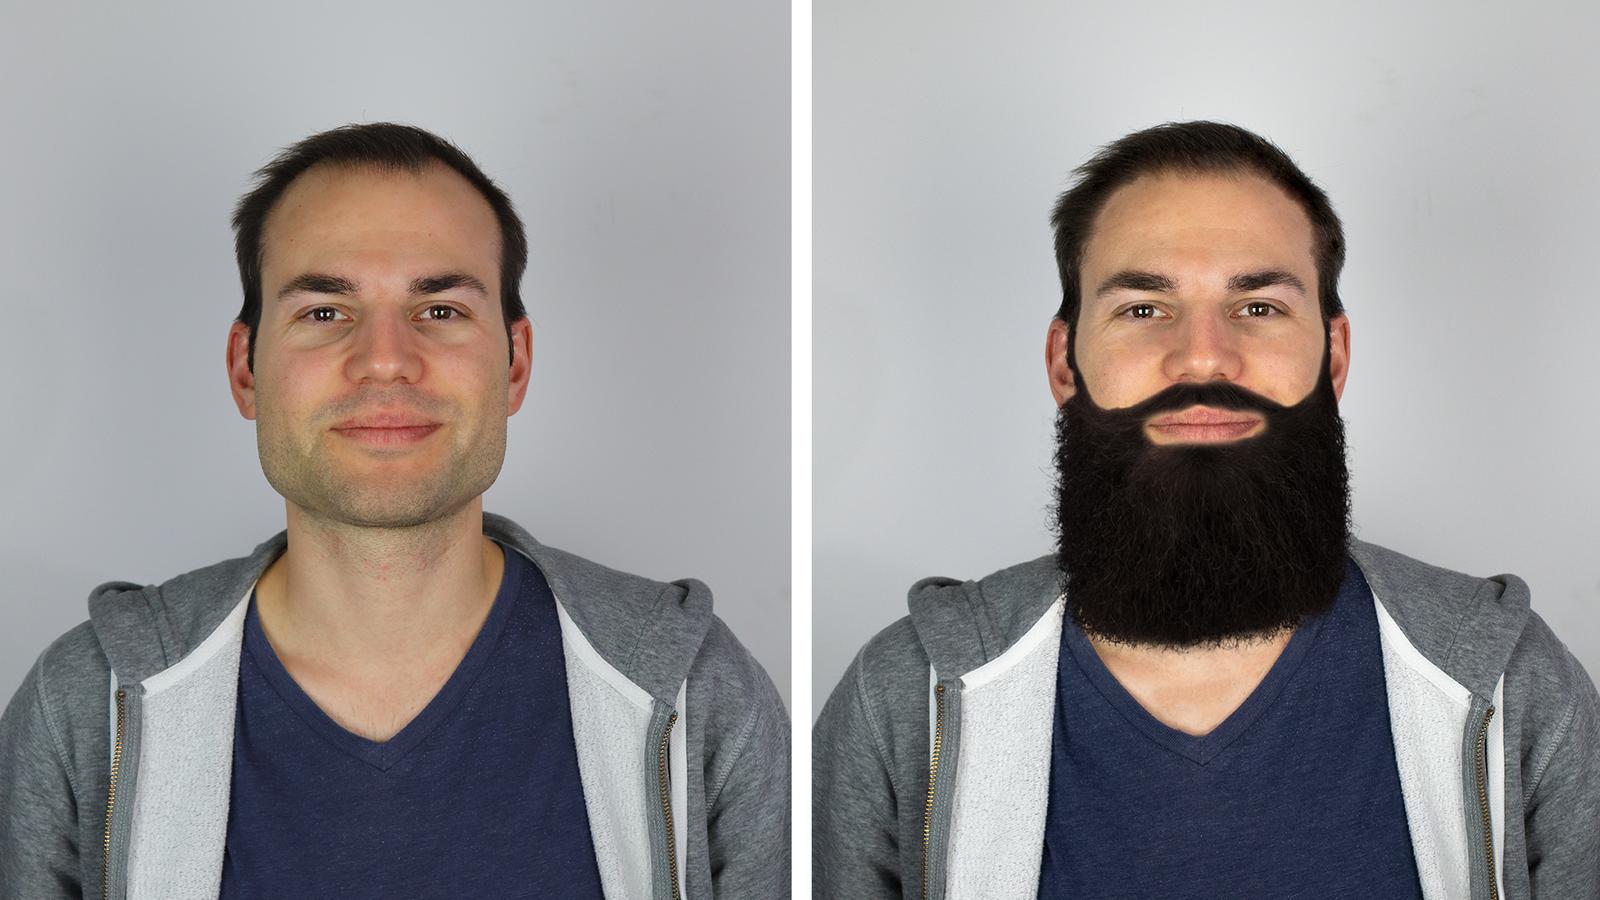 Unser Model Ralph macht Werbung für ein Haarwachstumsmittel. Deshalb haben wir ihn frischer aussehen lassen und hie und da einige Haare hinzugefügt. (© Radio 24)